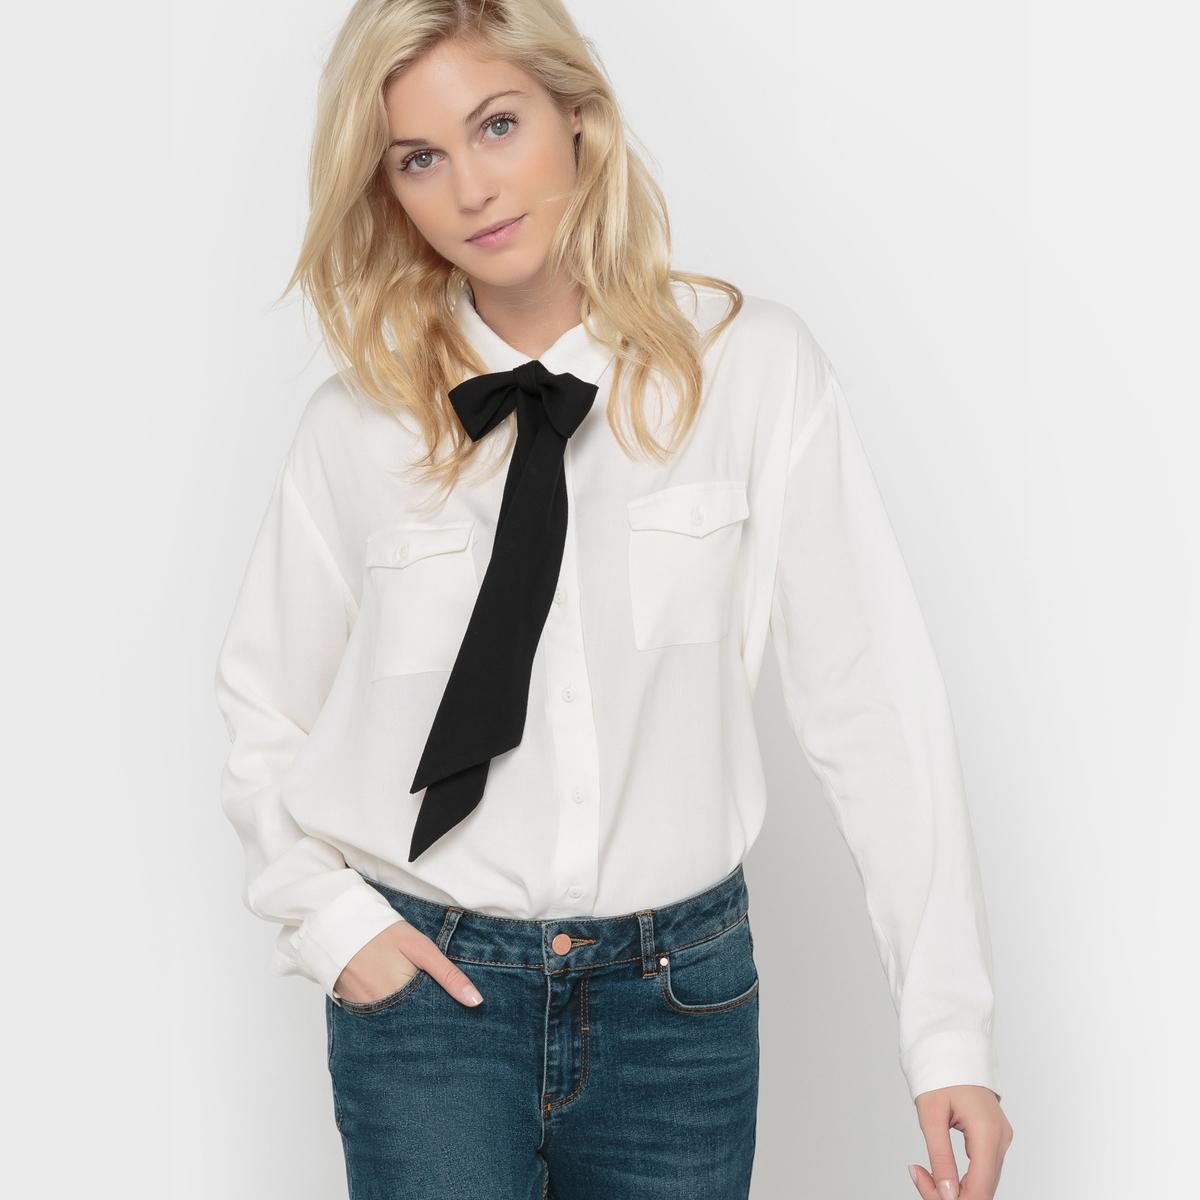 Рубашка с галстуком-бантомСостав &amp; ДеталиМатериал: 100% вискозы     Марка        VERO MODA               Уход     Следуйте рекомендациям по уходу, указанным на этикетке изделия.<br><br>Цвет: слоновая кость,черный<br>Размер: XL.XS.S